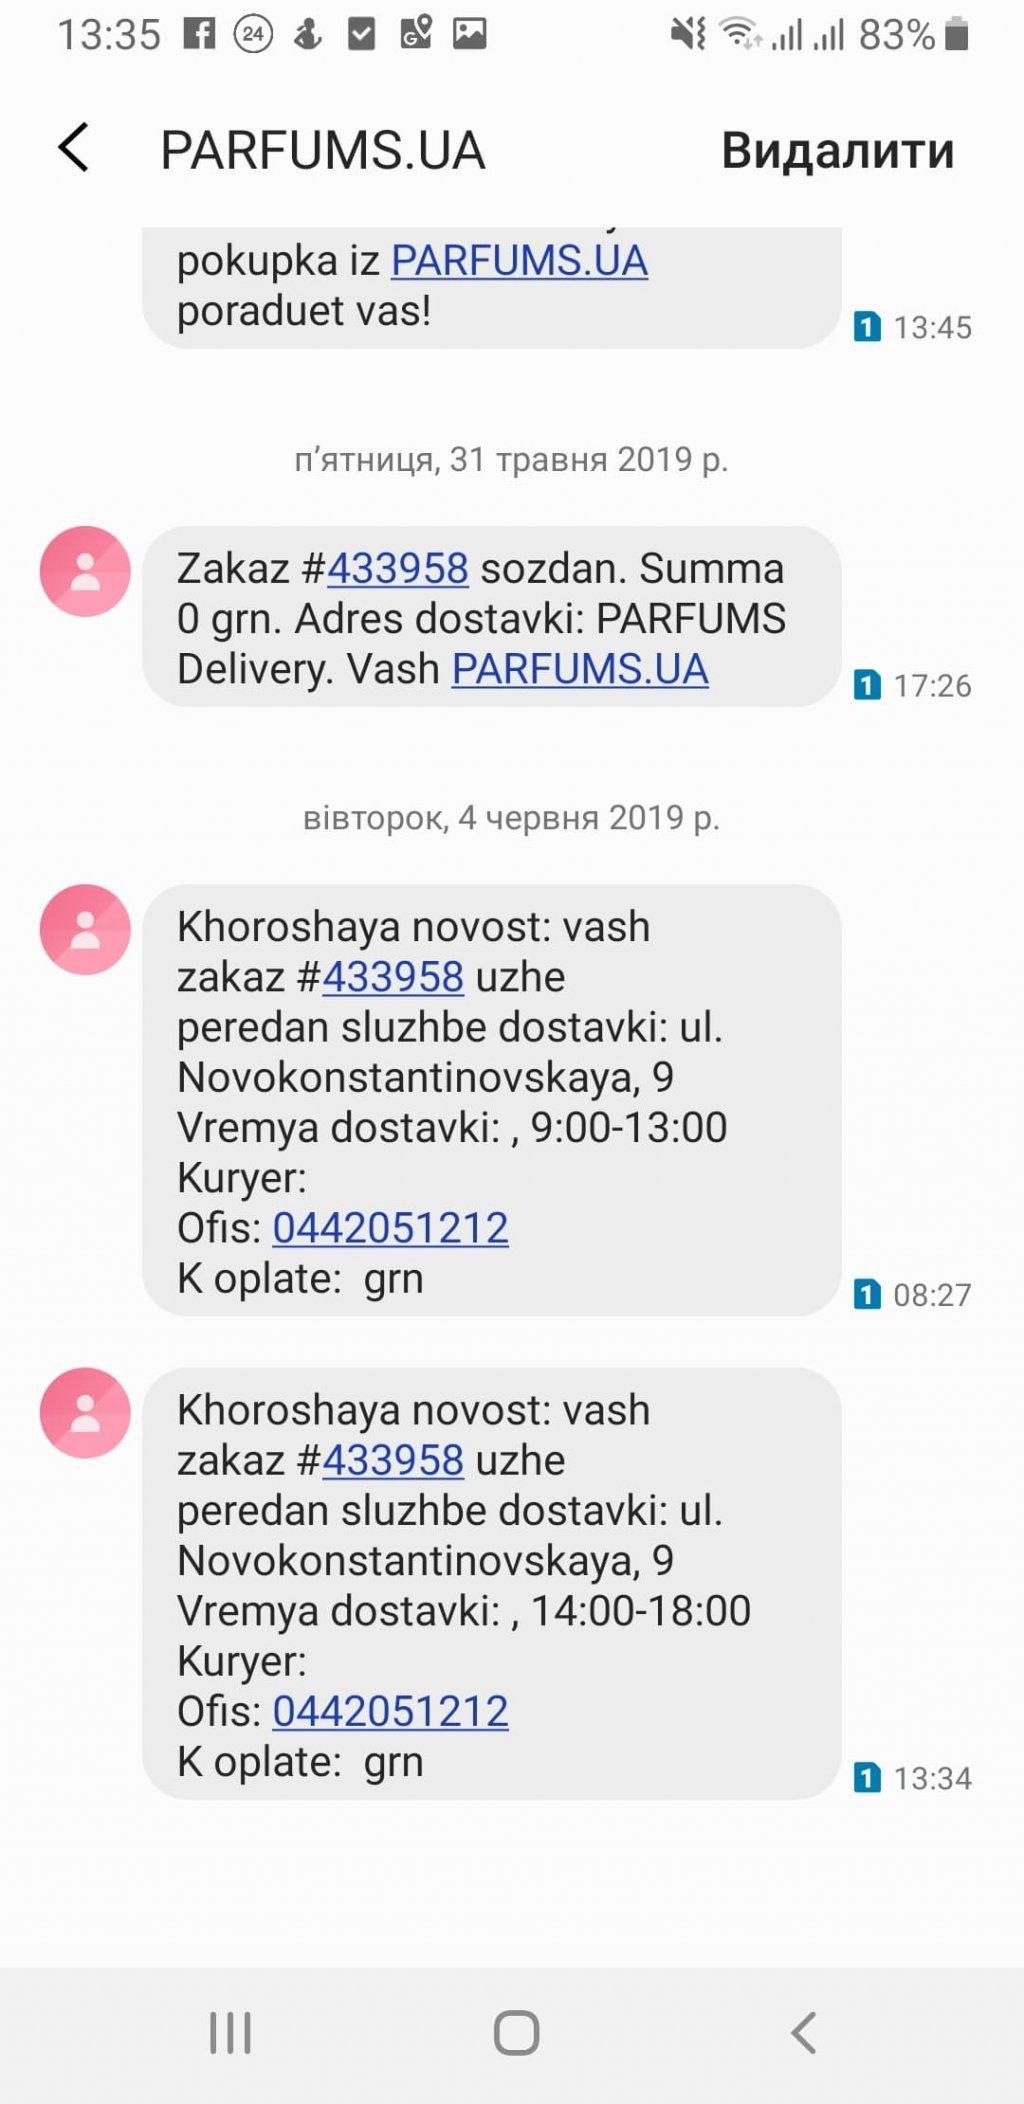 Интернет-магазин PARFUMS.UA - ПОЛУЧЕНИЕ ПОДАРКА